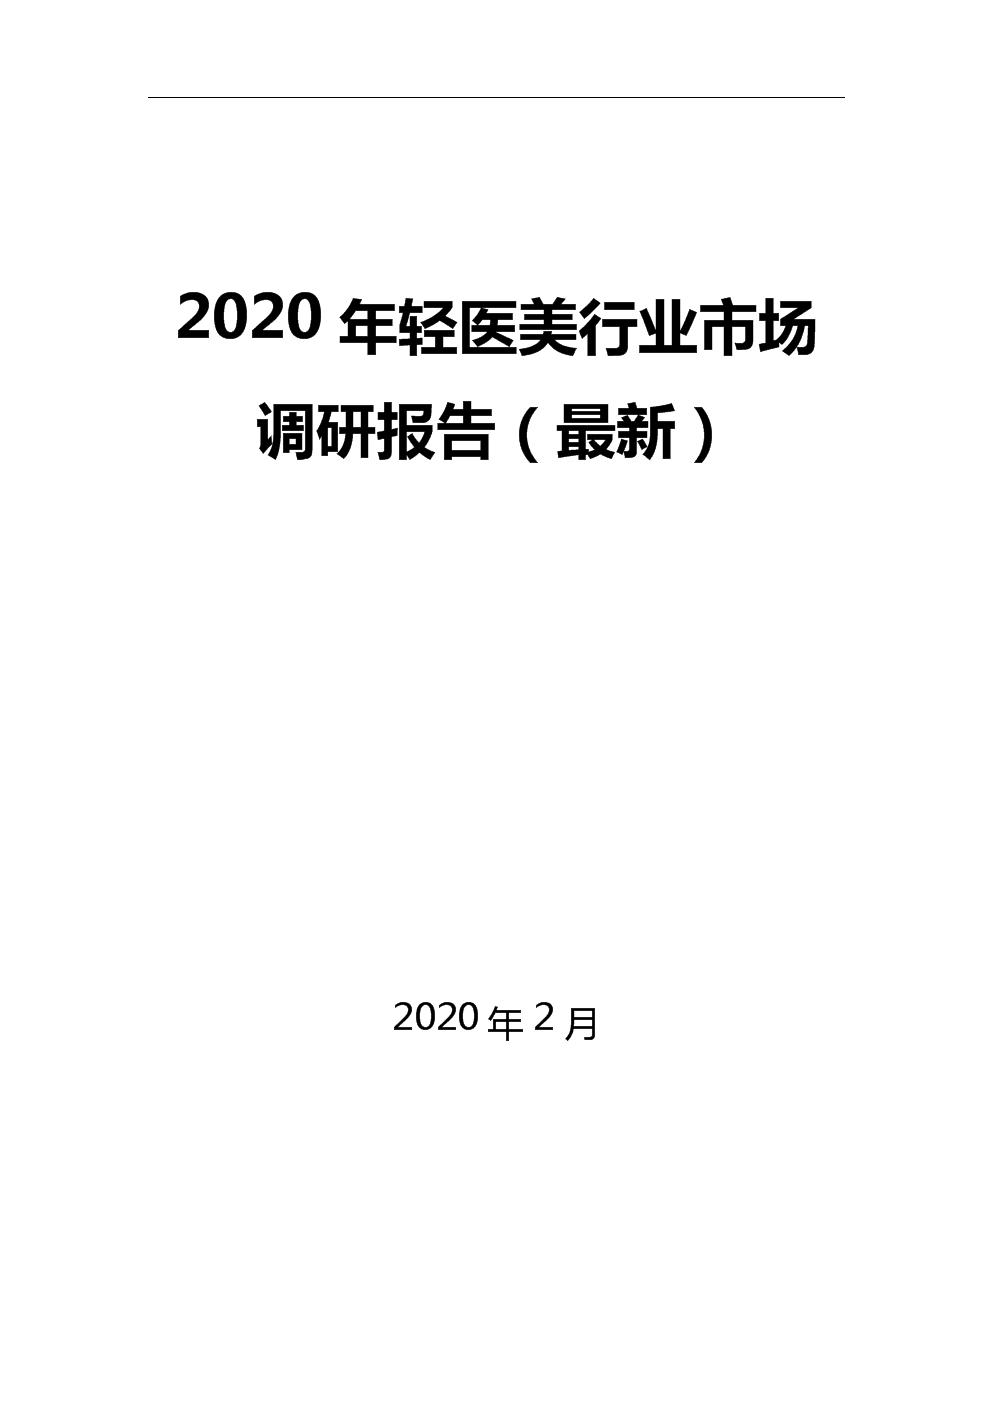 2020年轻医美行业市场调研报告(最新).docx